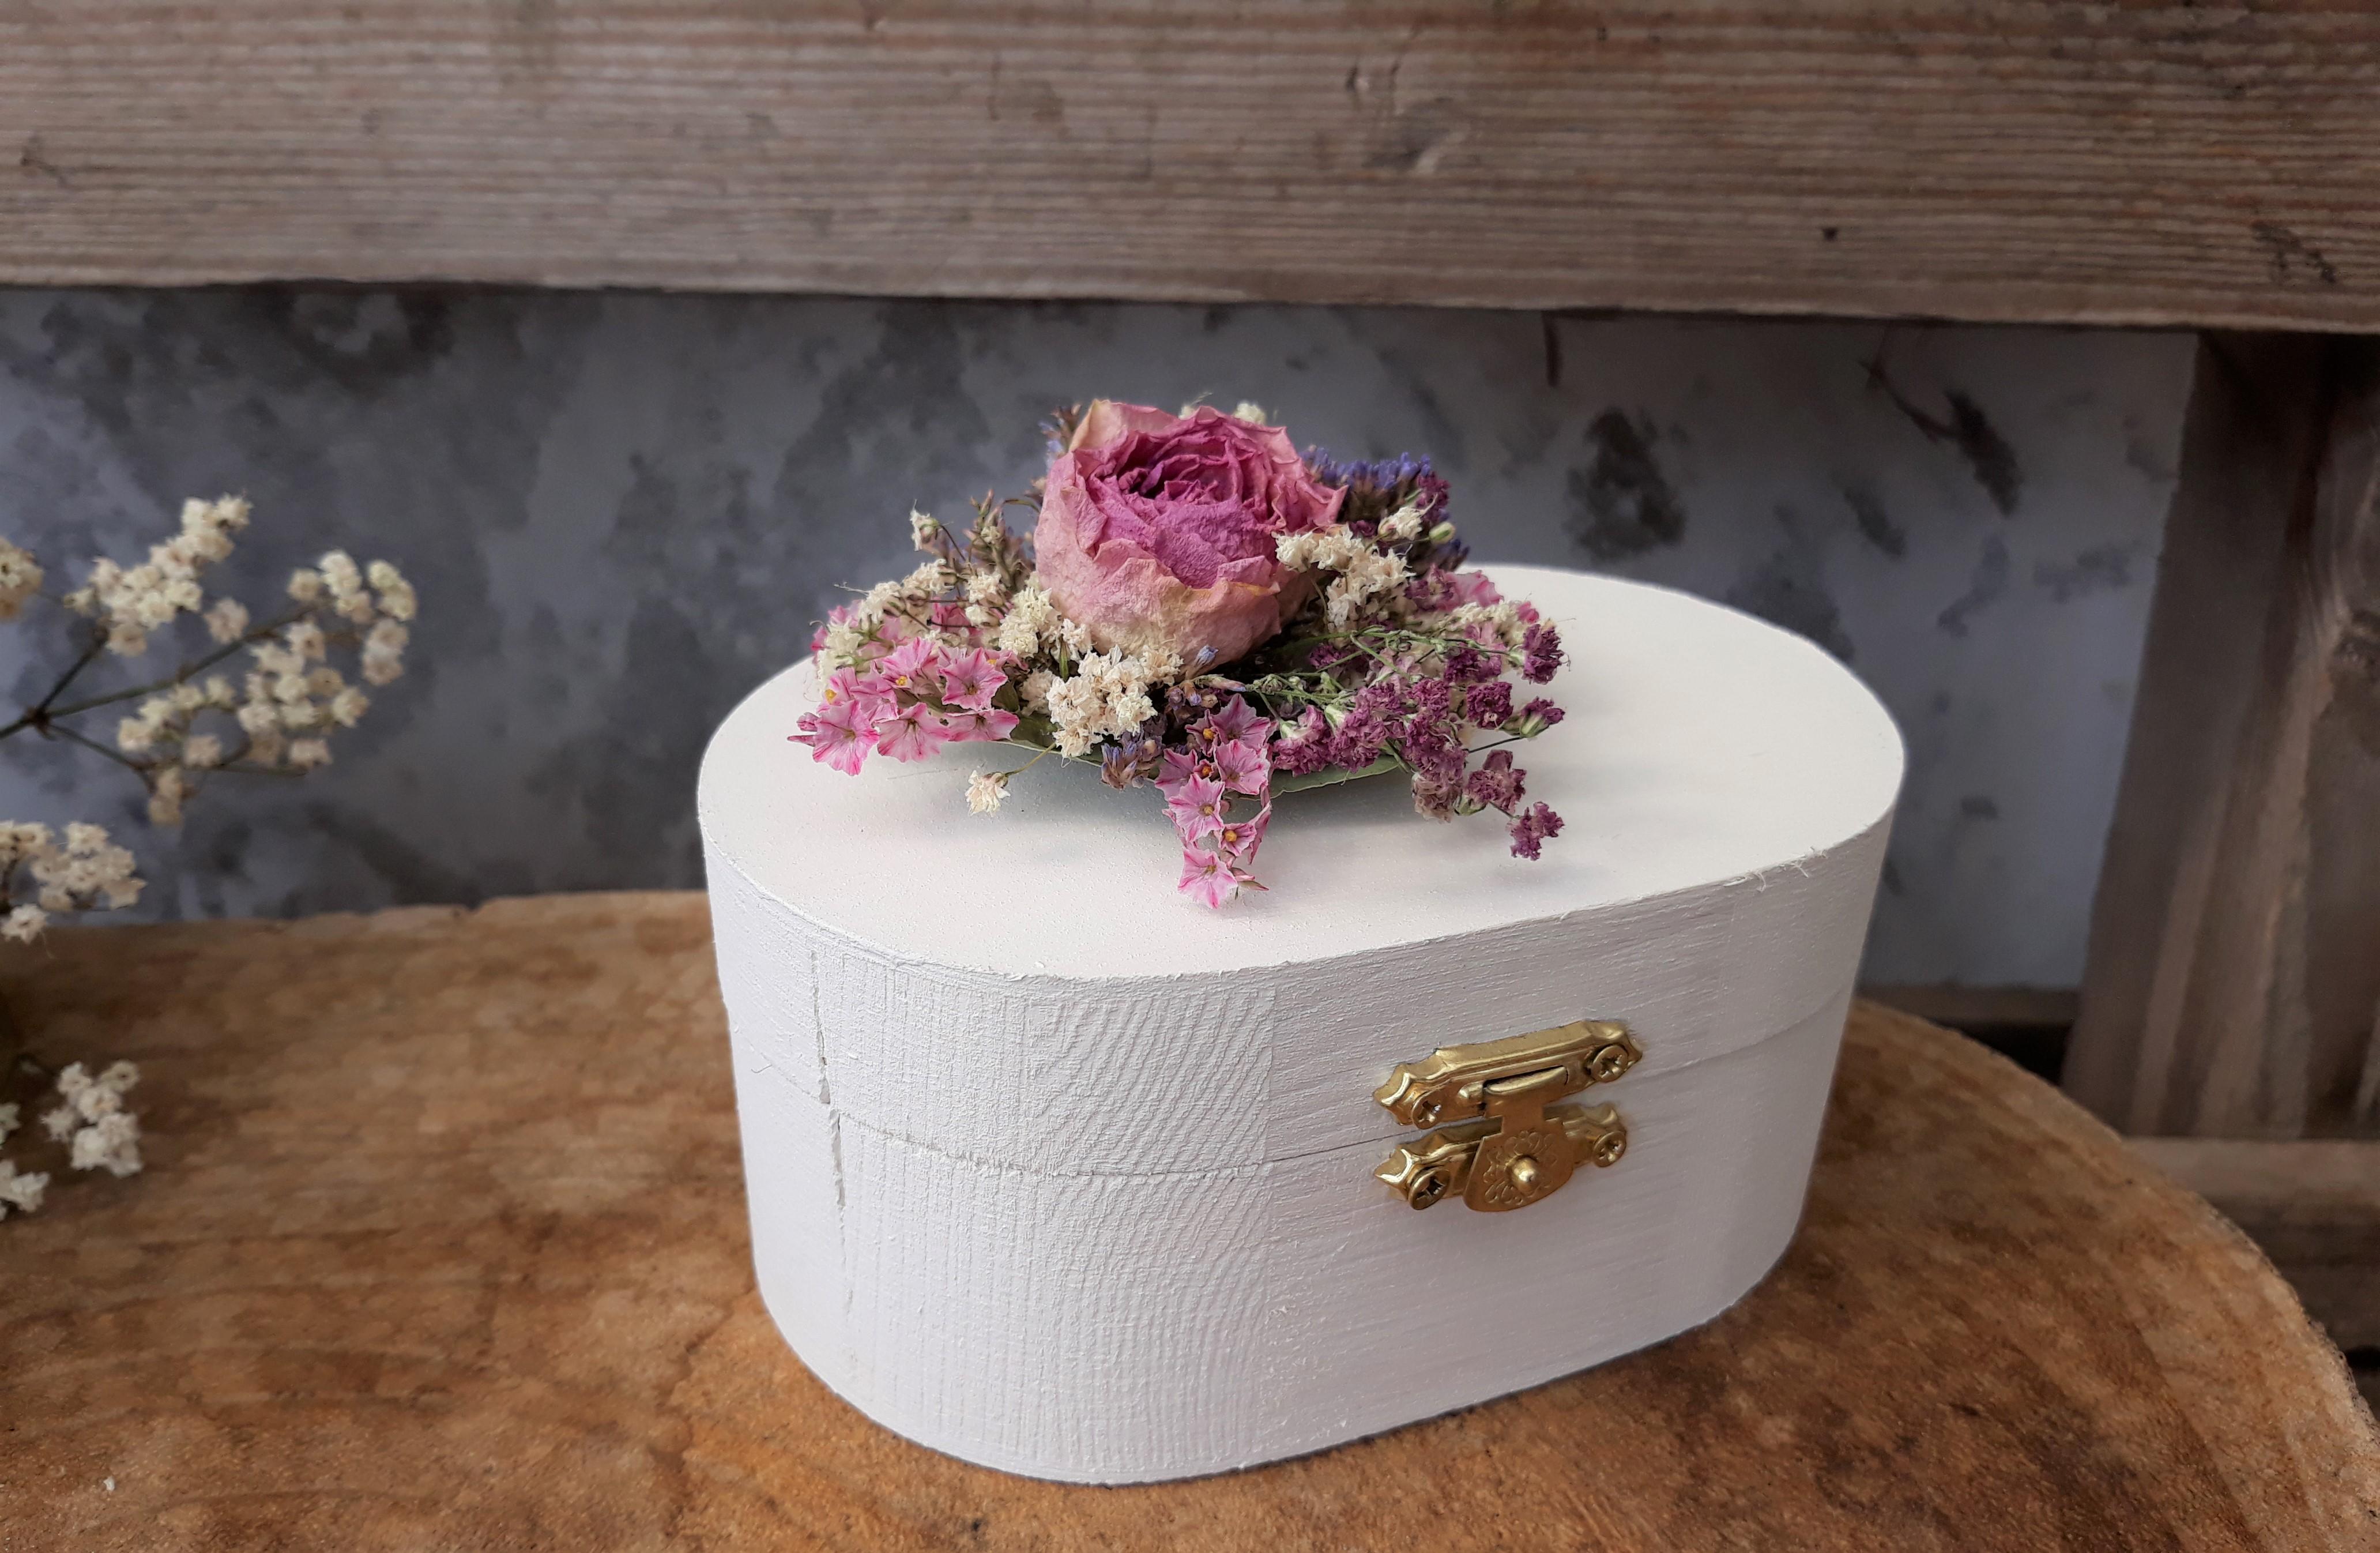 Florales Design Vanessa Salisch Handgefertigte Ringkissen Zur Hochzeit